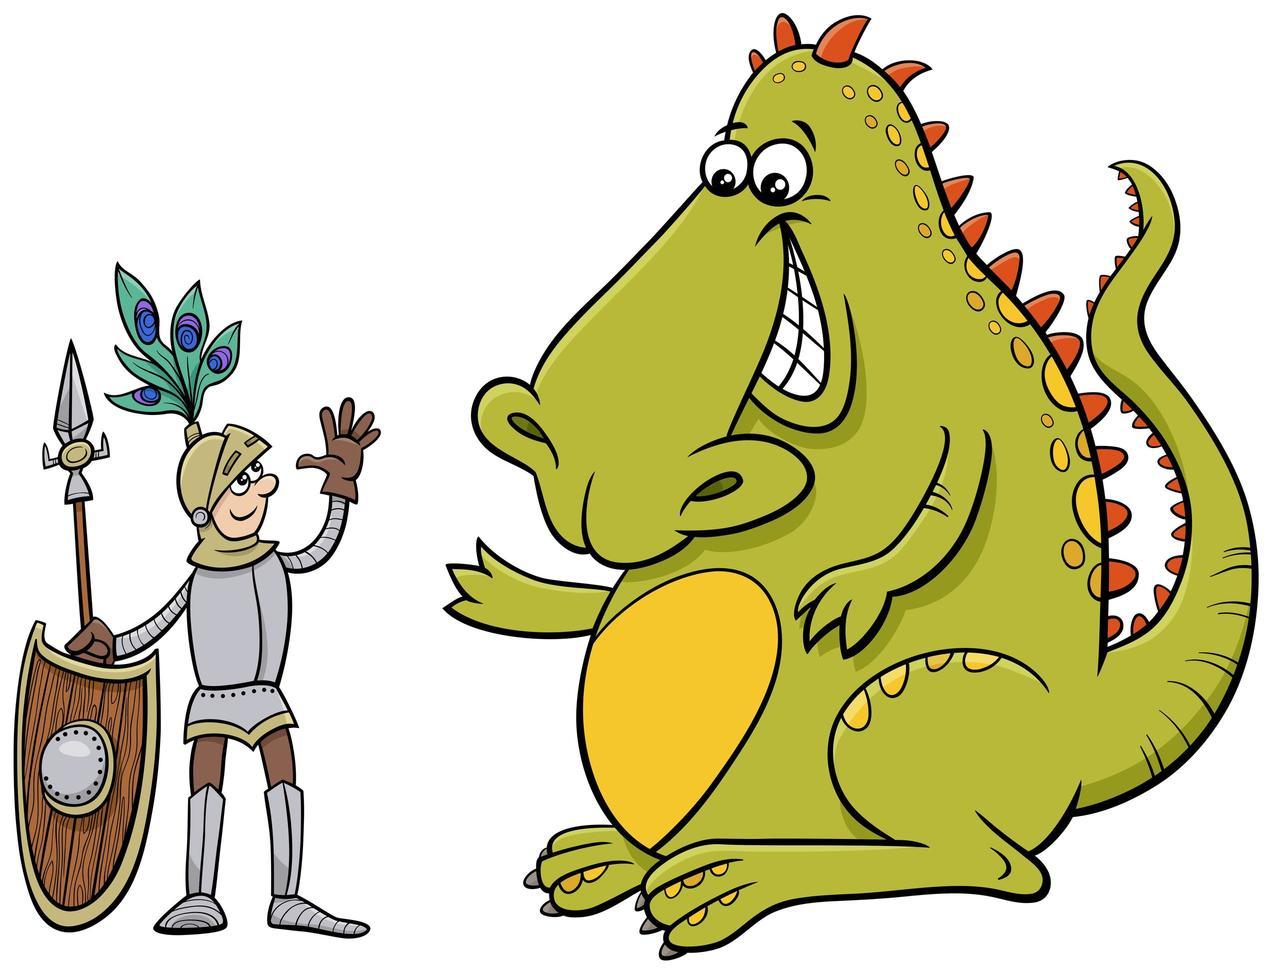 dragon et chevalier ayant un dessin animé de conversation amicale vecteur